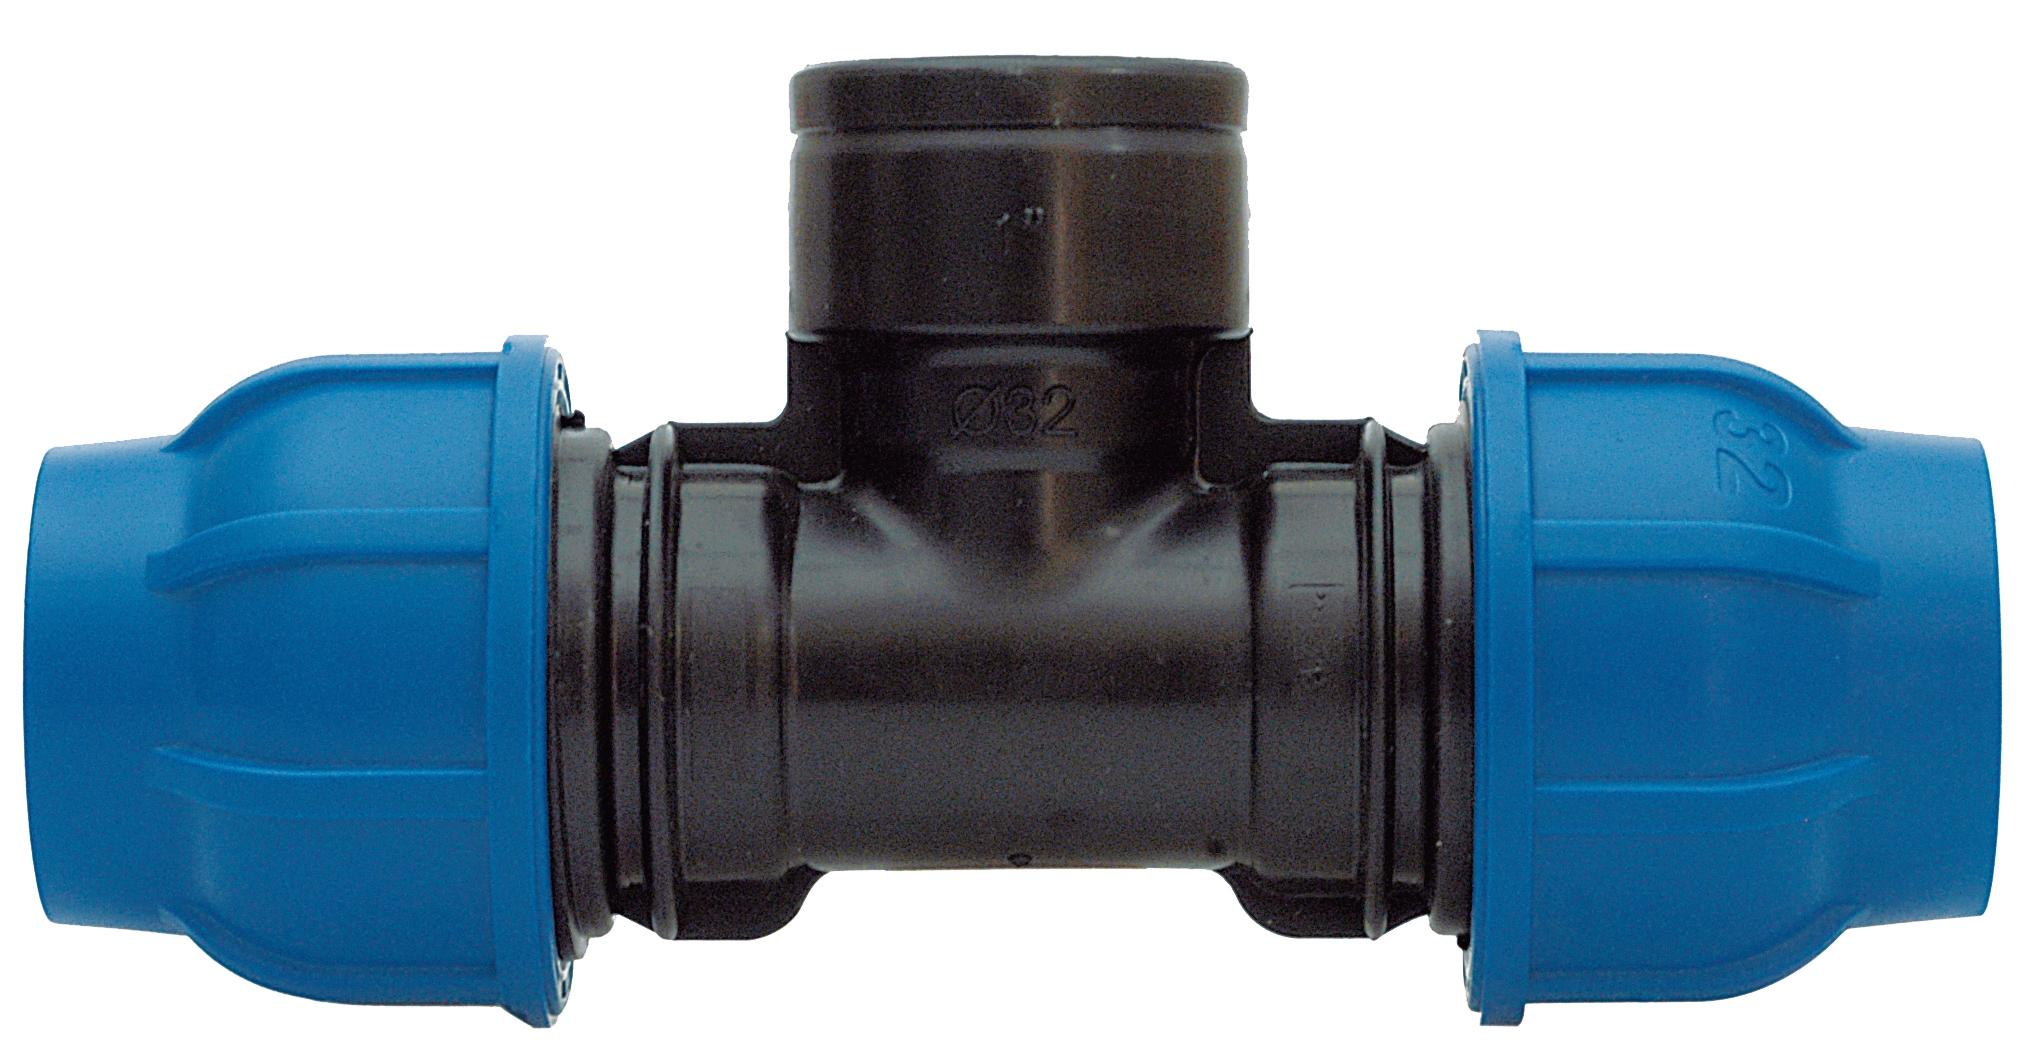 Sehr DUG GmbH - PE-Rohr T-Stück mit IG-Abzweigung 32 mm x 1/2